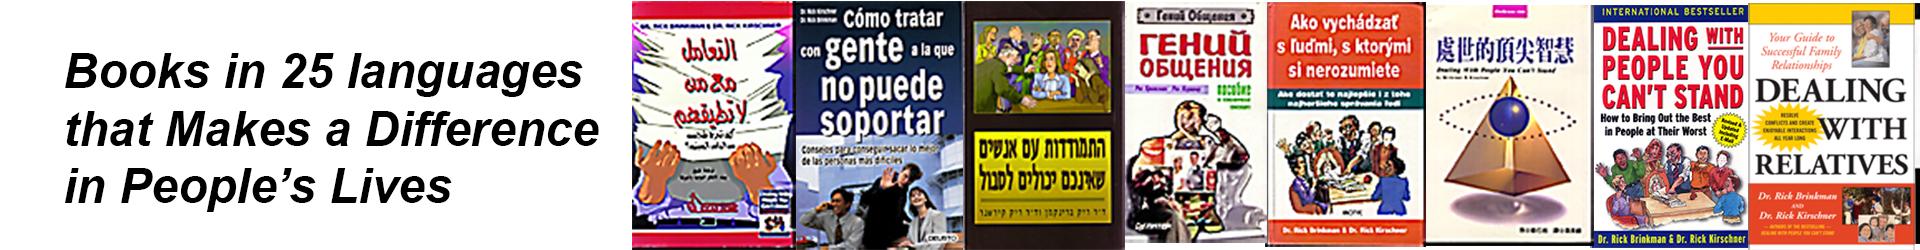 Books Banner0.jpg